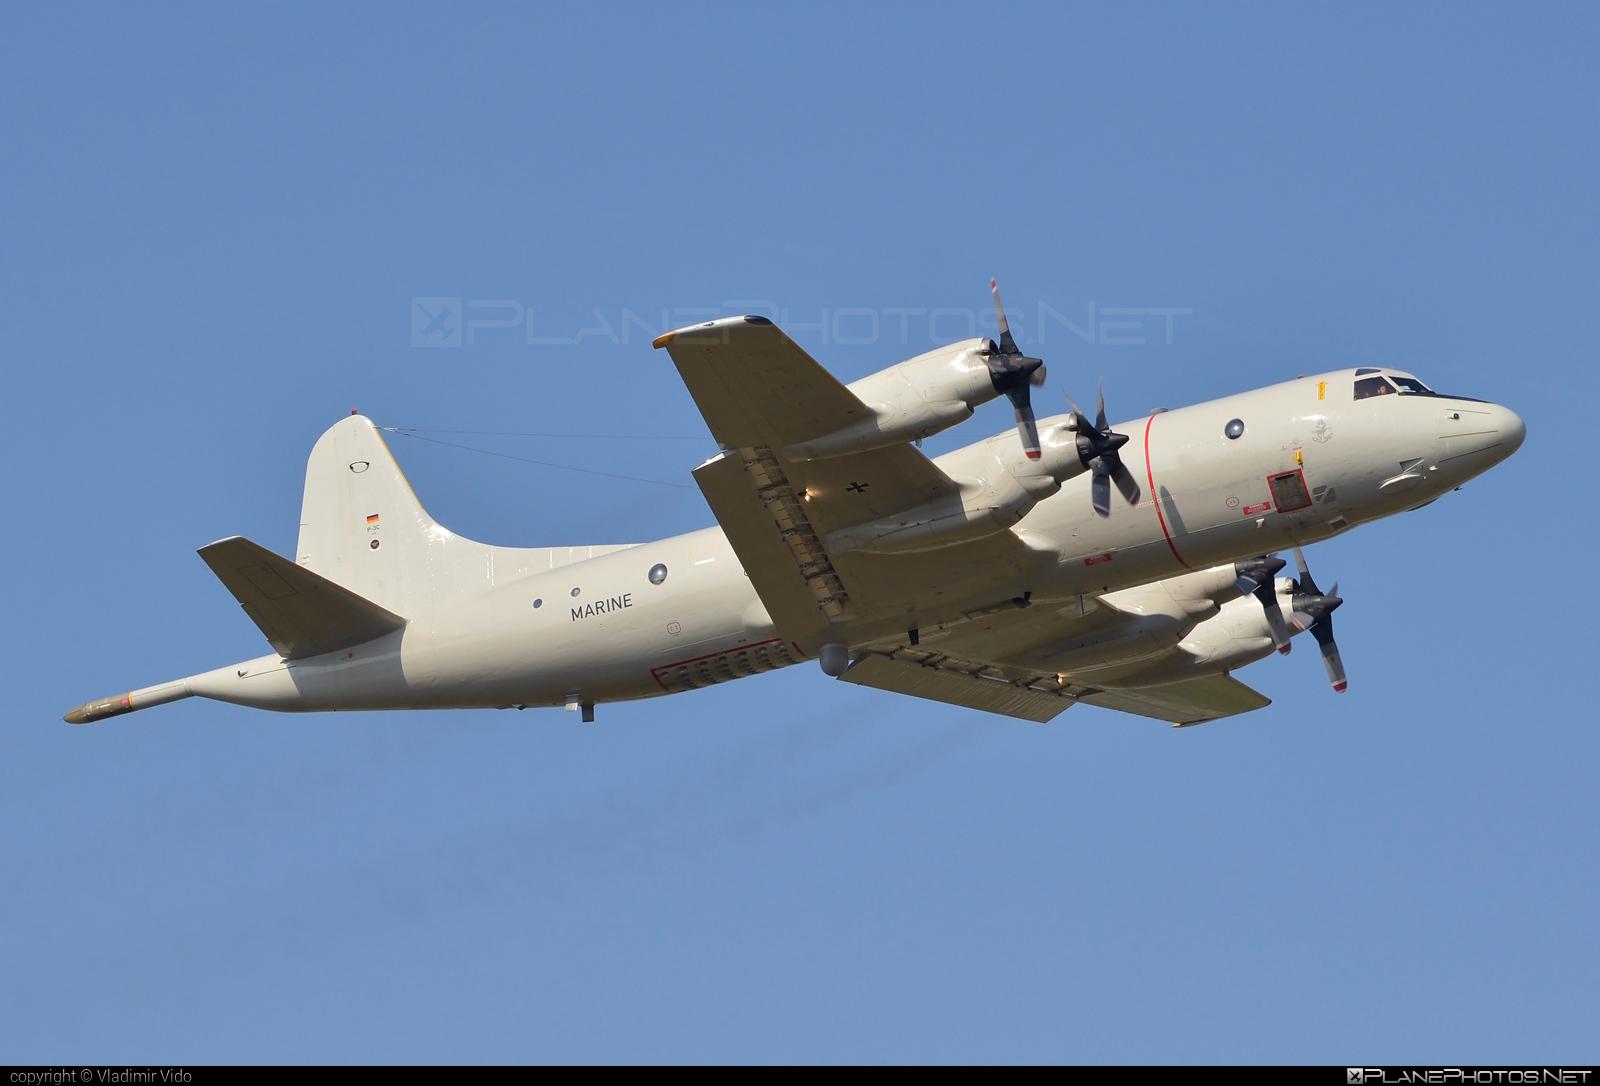 Lockheed P-3C Orion - 60+08 operated by Deutsche Marine (German Navy) #GermanNavy #deutschemarine #lockheed #lockheedorion #lockheedp3 #p3cOrion #p3orion